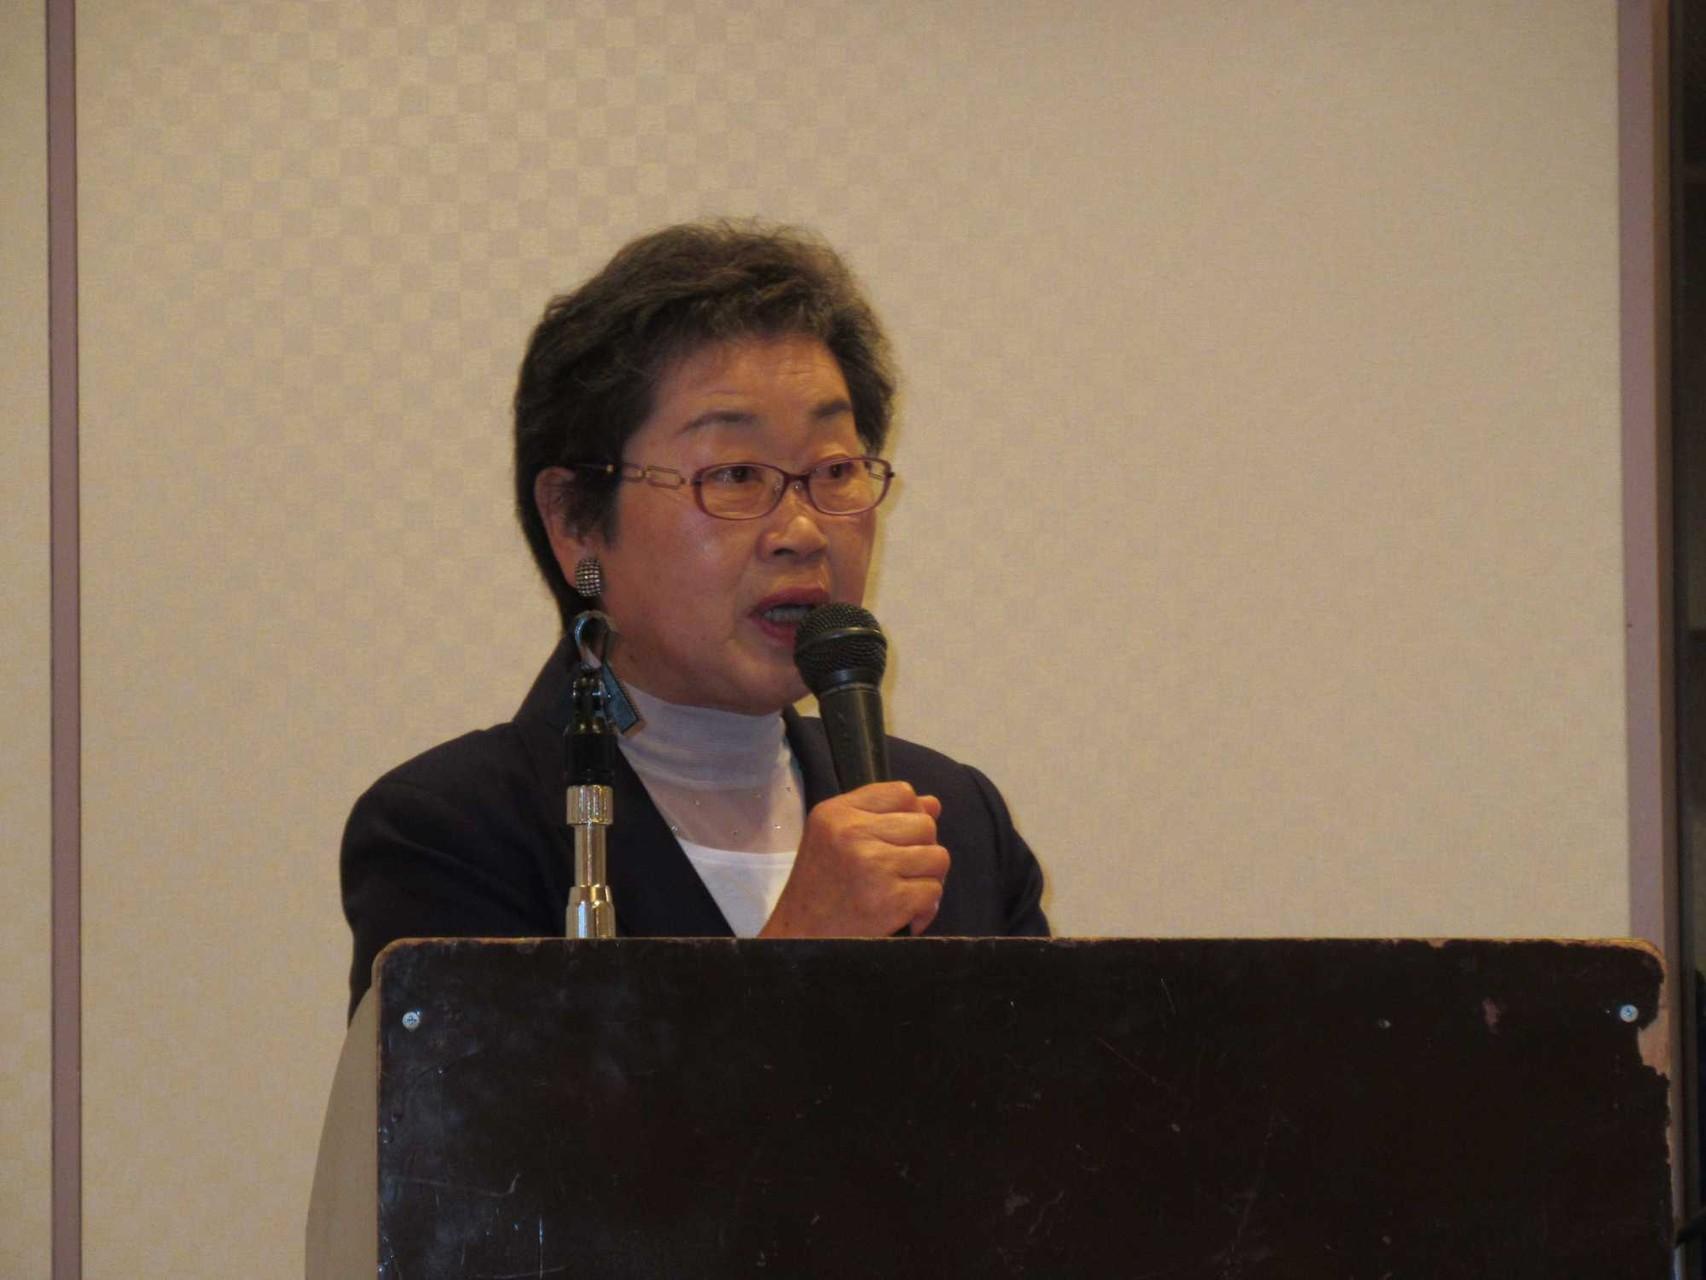 司会を務めていただいた、実行委員の東海林 公子氏